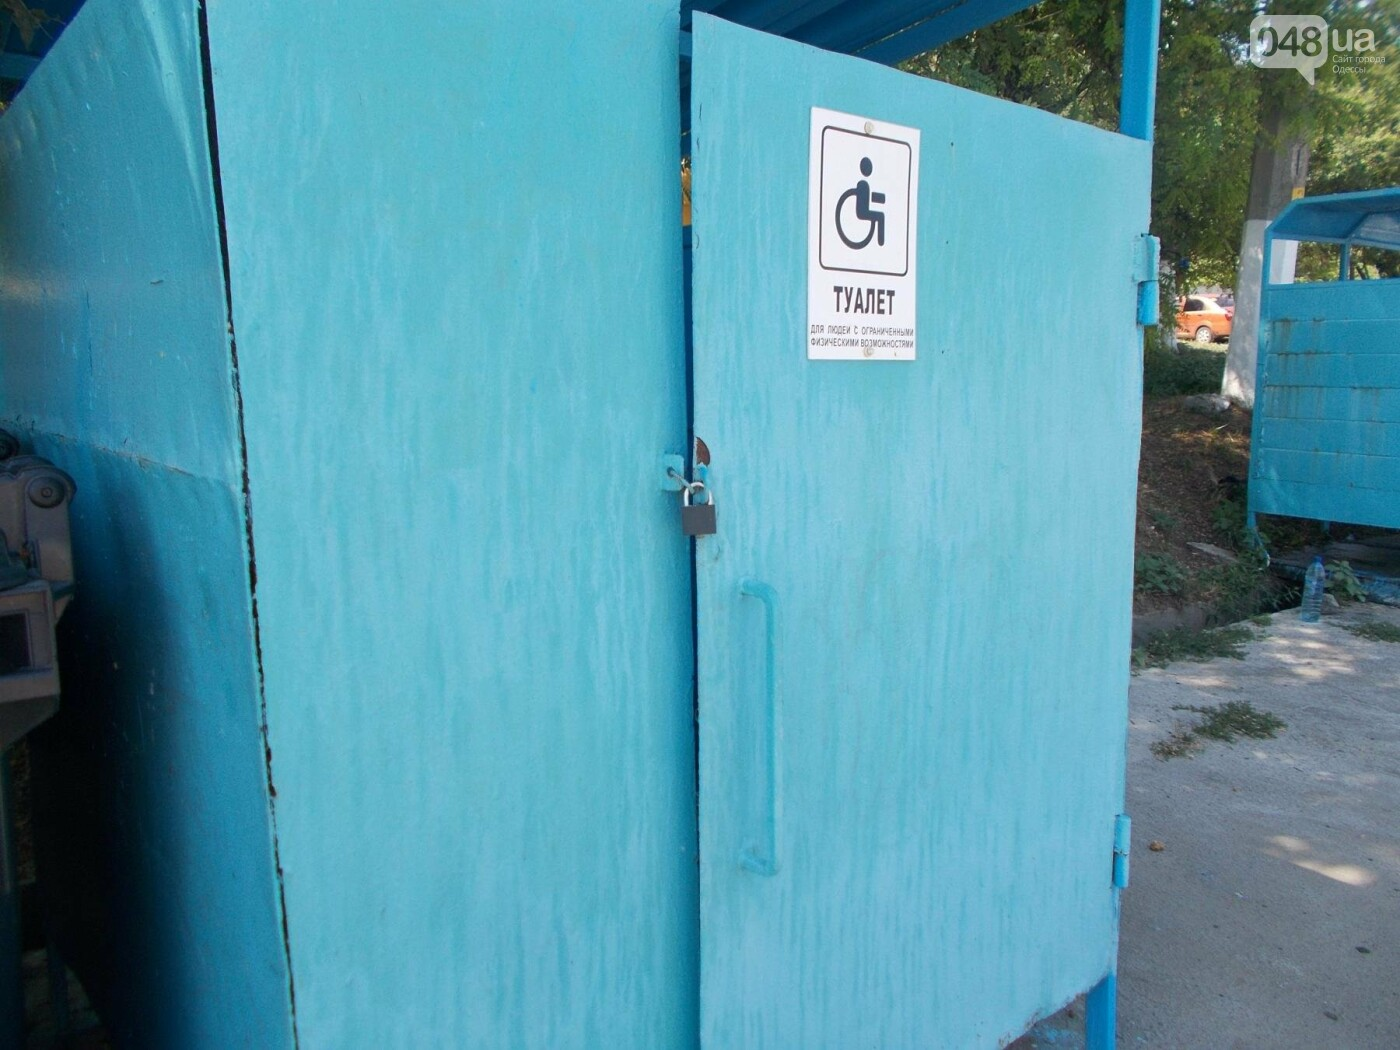 Удобства под замком: на пляже для людей с инвалидностью в Одессе в душ и туалет попасть нереально, - ФОТО , фото-1